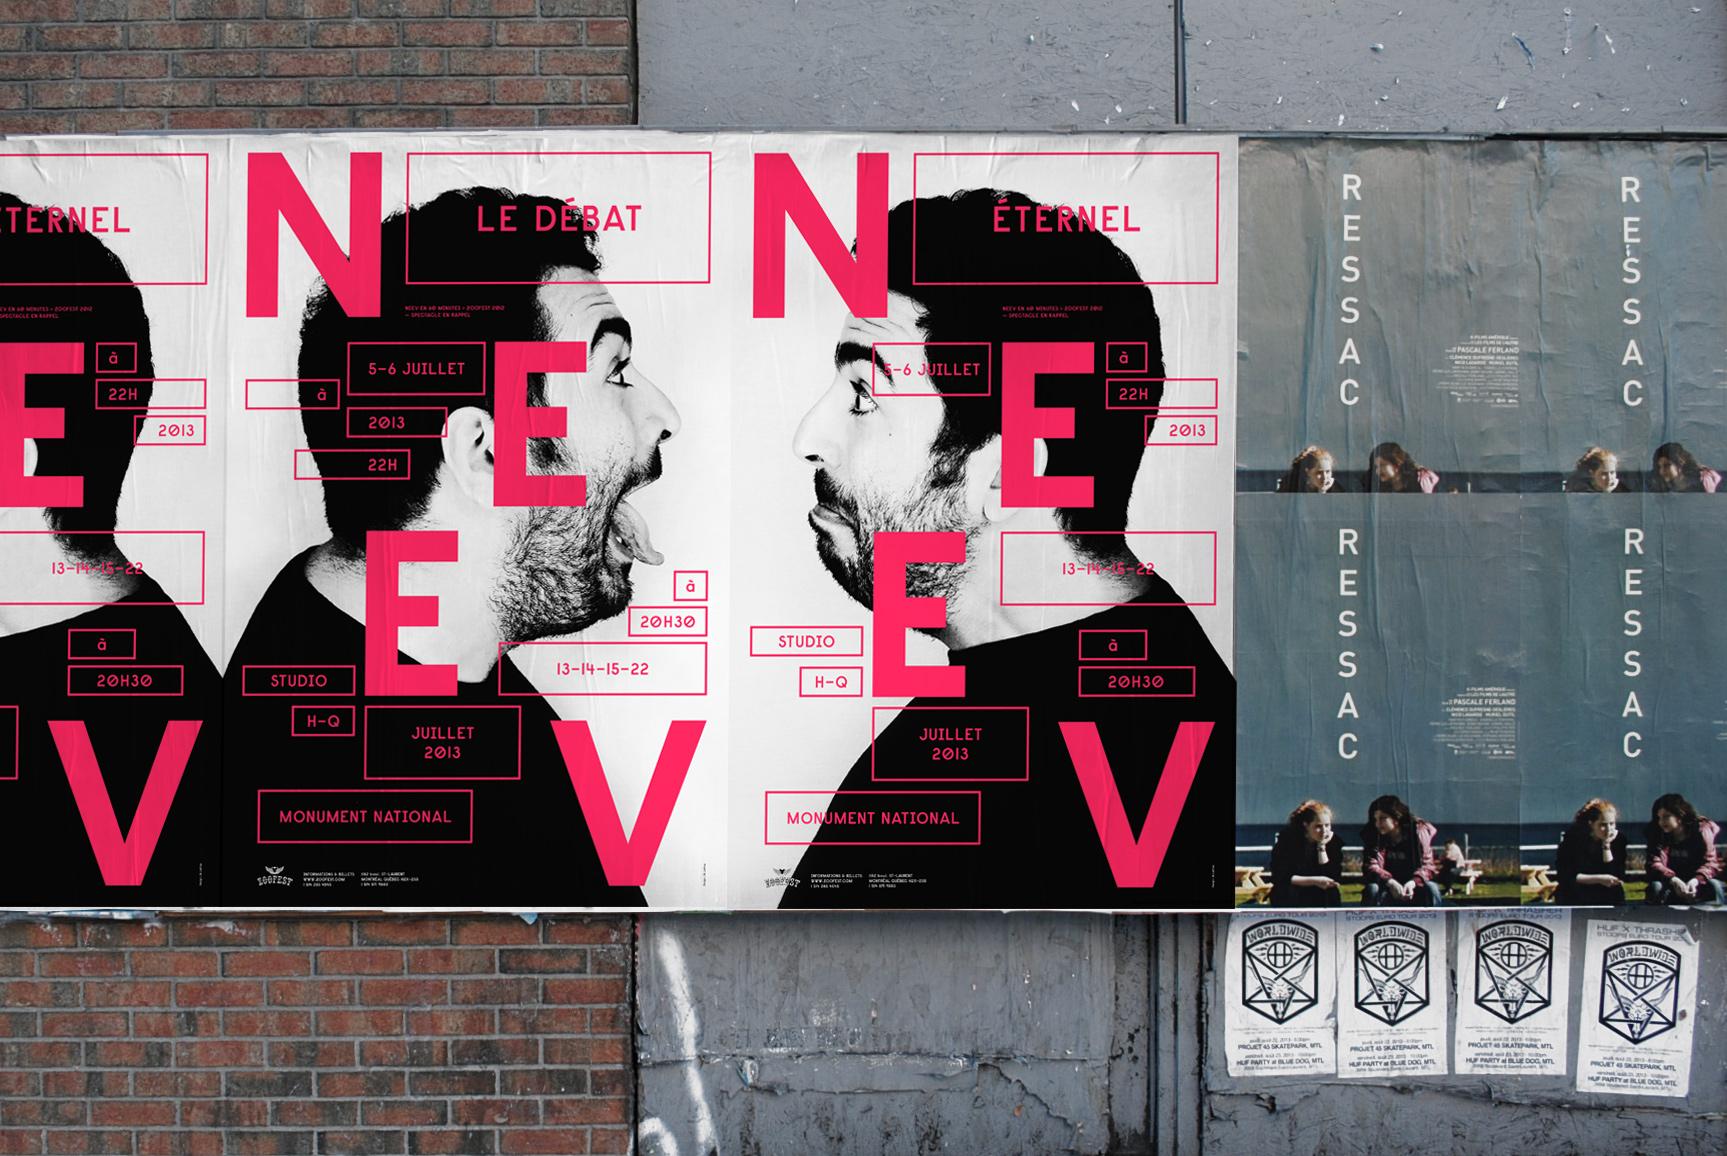 Neev – The Eternal Debate